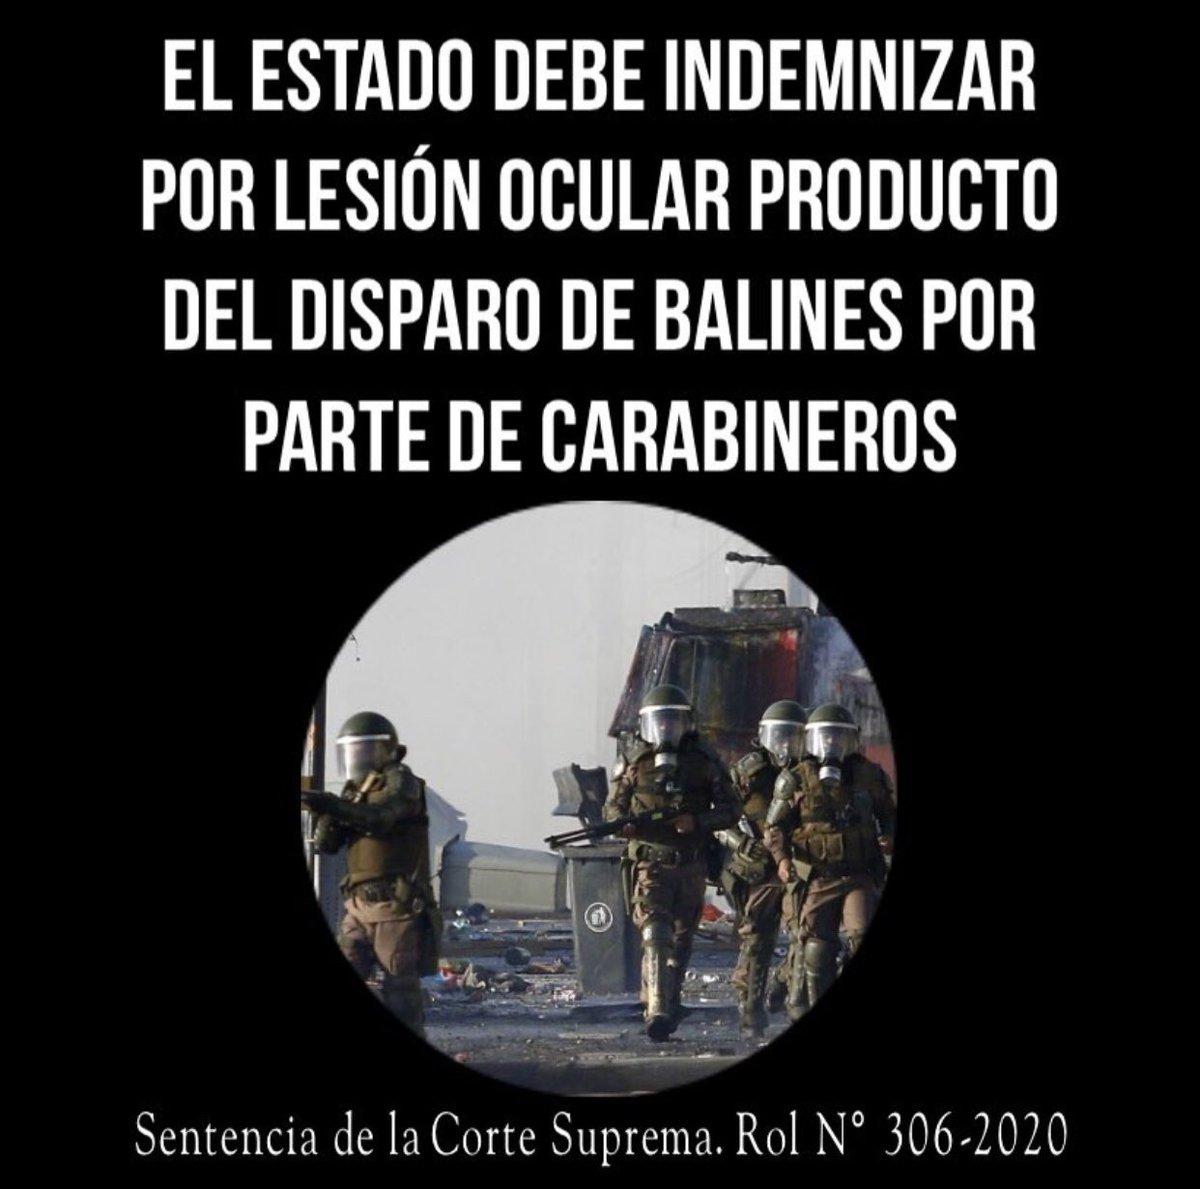 Sentencia de la Corte Suprema de #Chile, Rol N° 306-2020:  El Estado debe indemnizar por lesión ocular producto del disparo de balines por parte de @Carabdechile.pic.twitter.com/bBR8UWNrGY